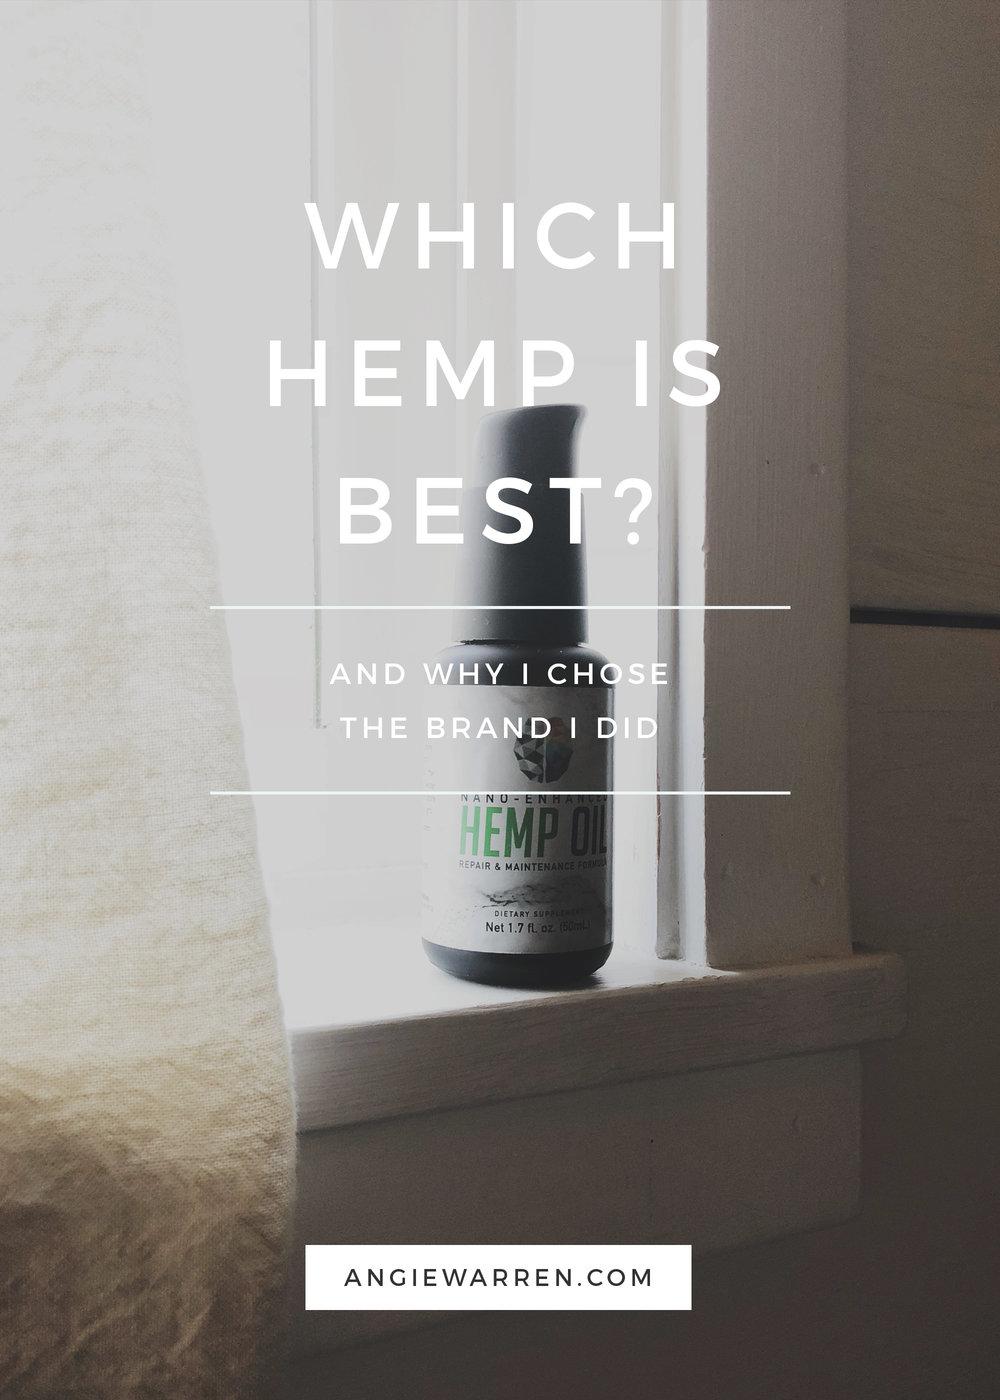 Hemp / CBD  - WHICH HEMP IS BEST - Prime My Body (www.angiewarren.com)